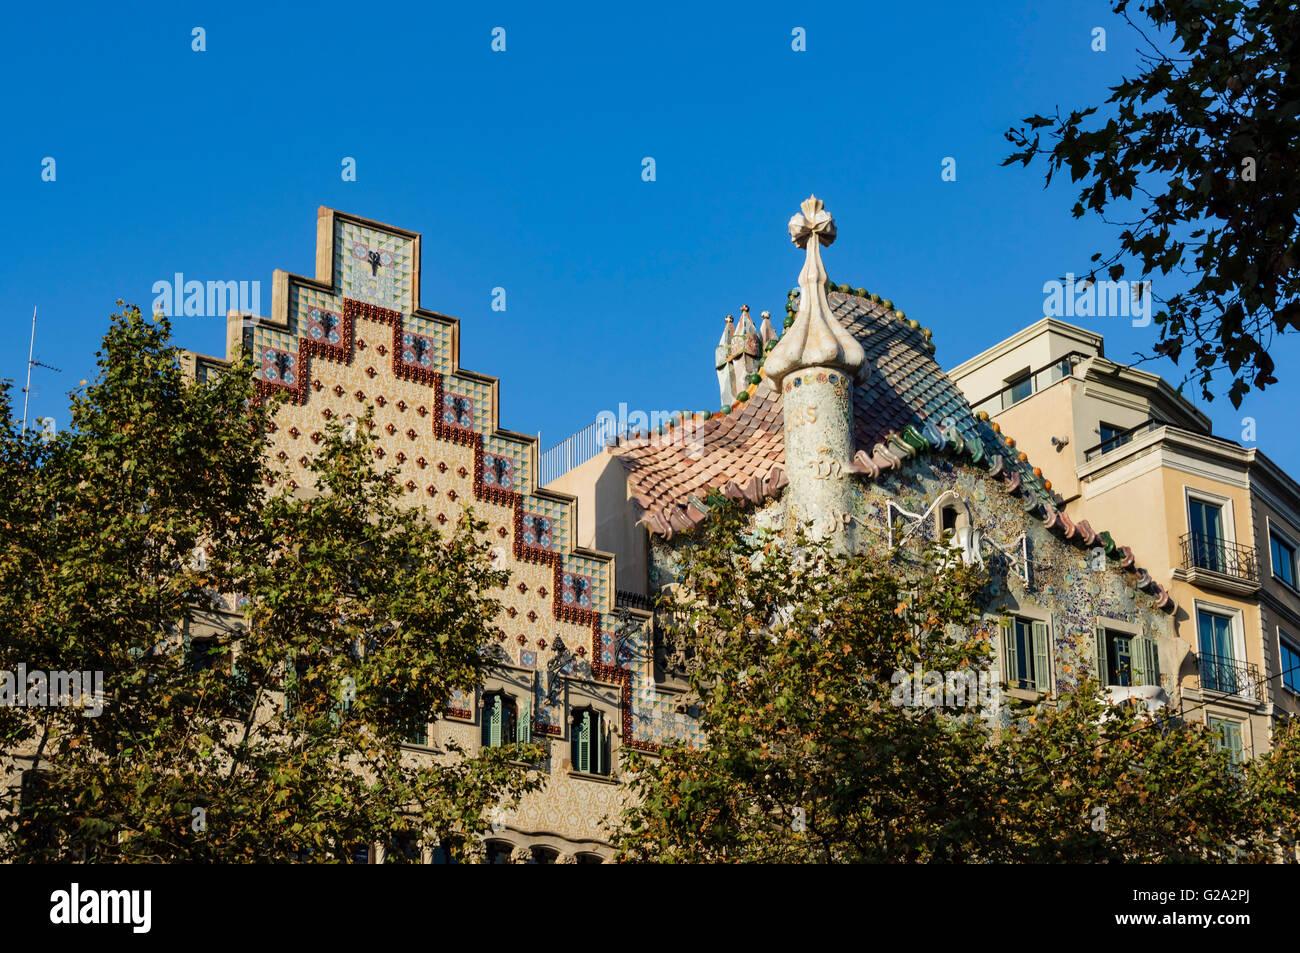 Casa Batllo von Antoni Gaudi, Passeig de Gracia, Barcelona, Spanien Stockbild